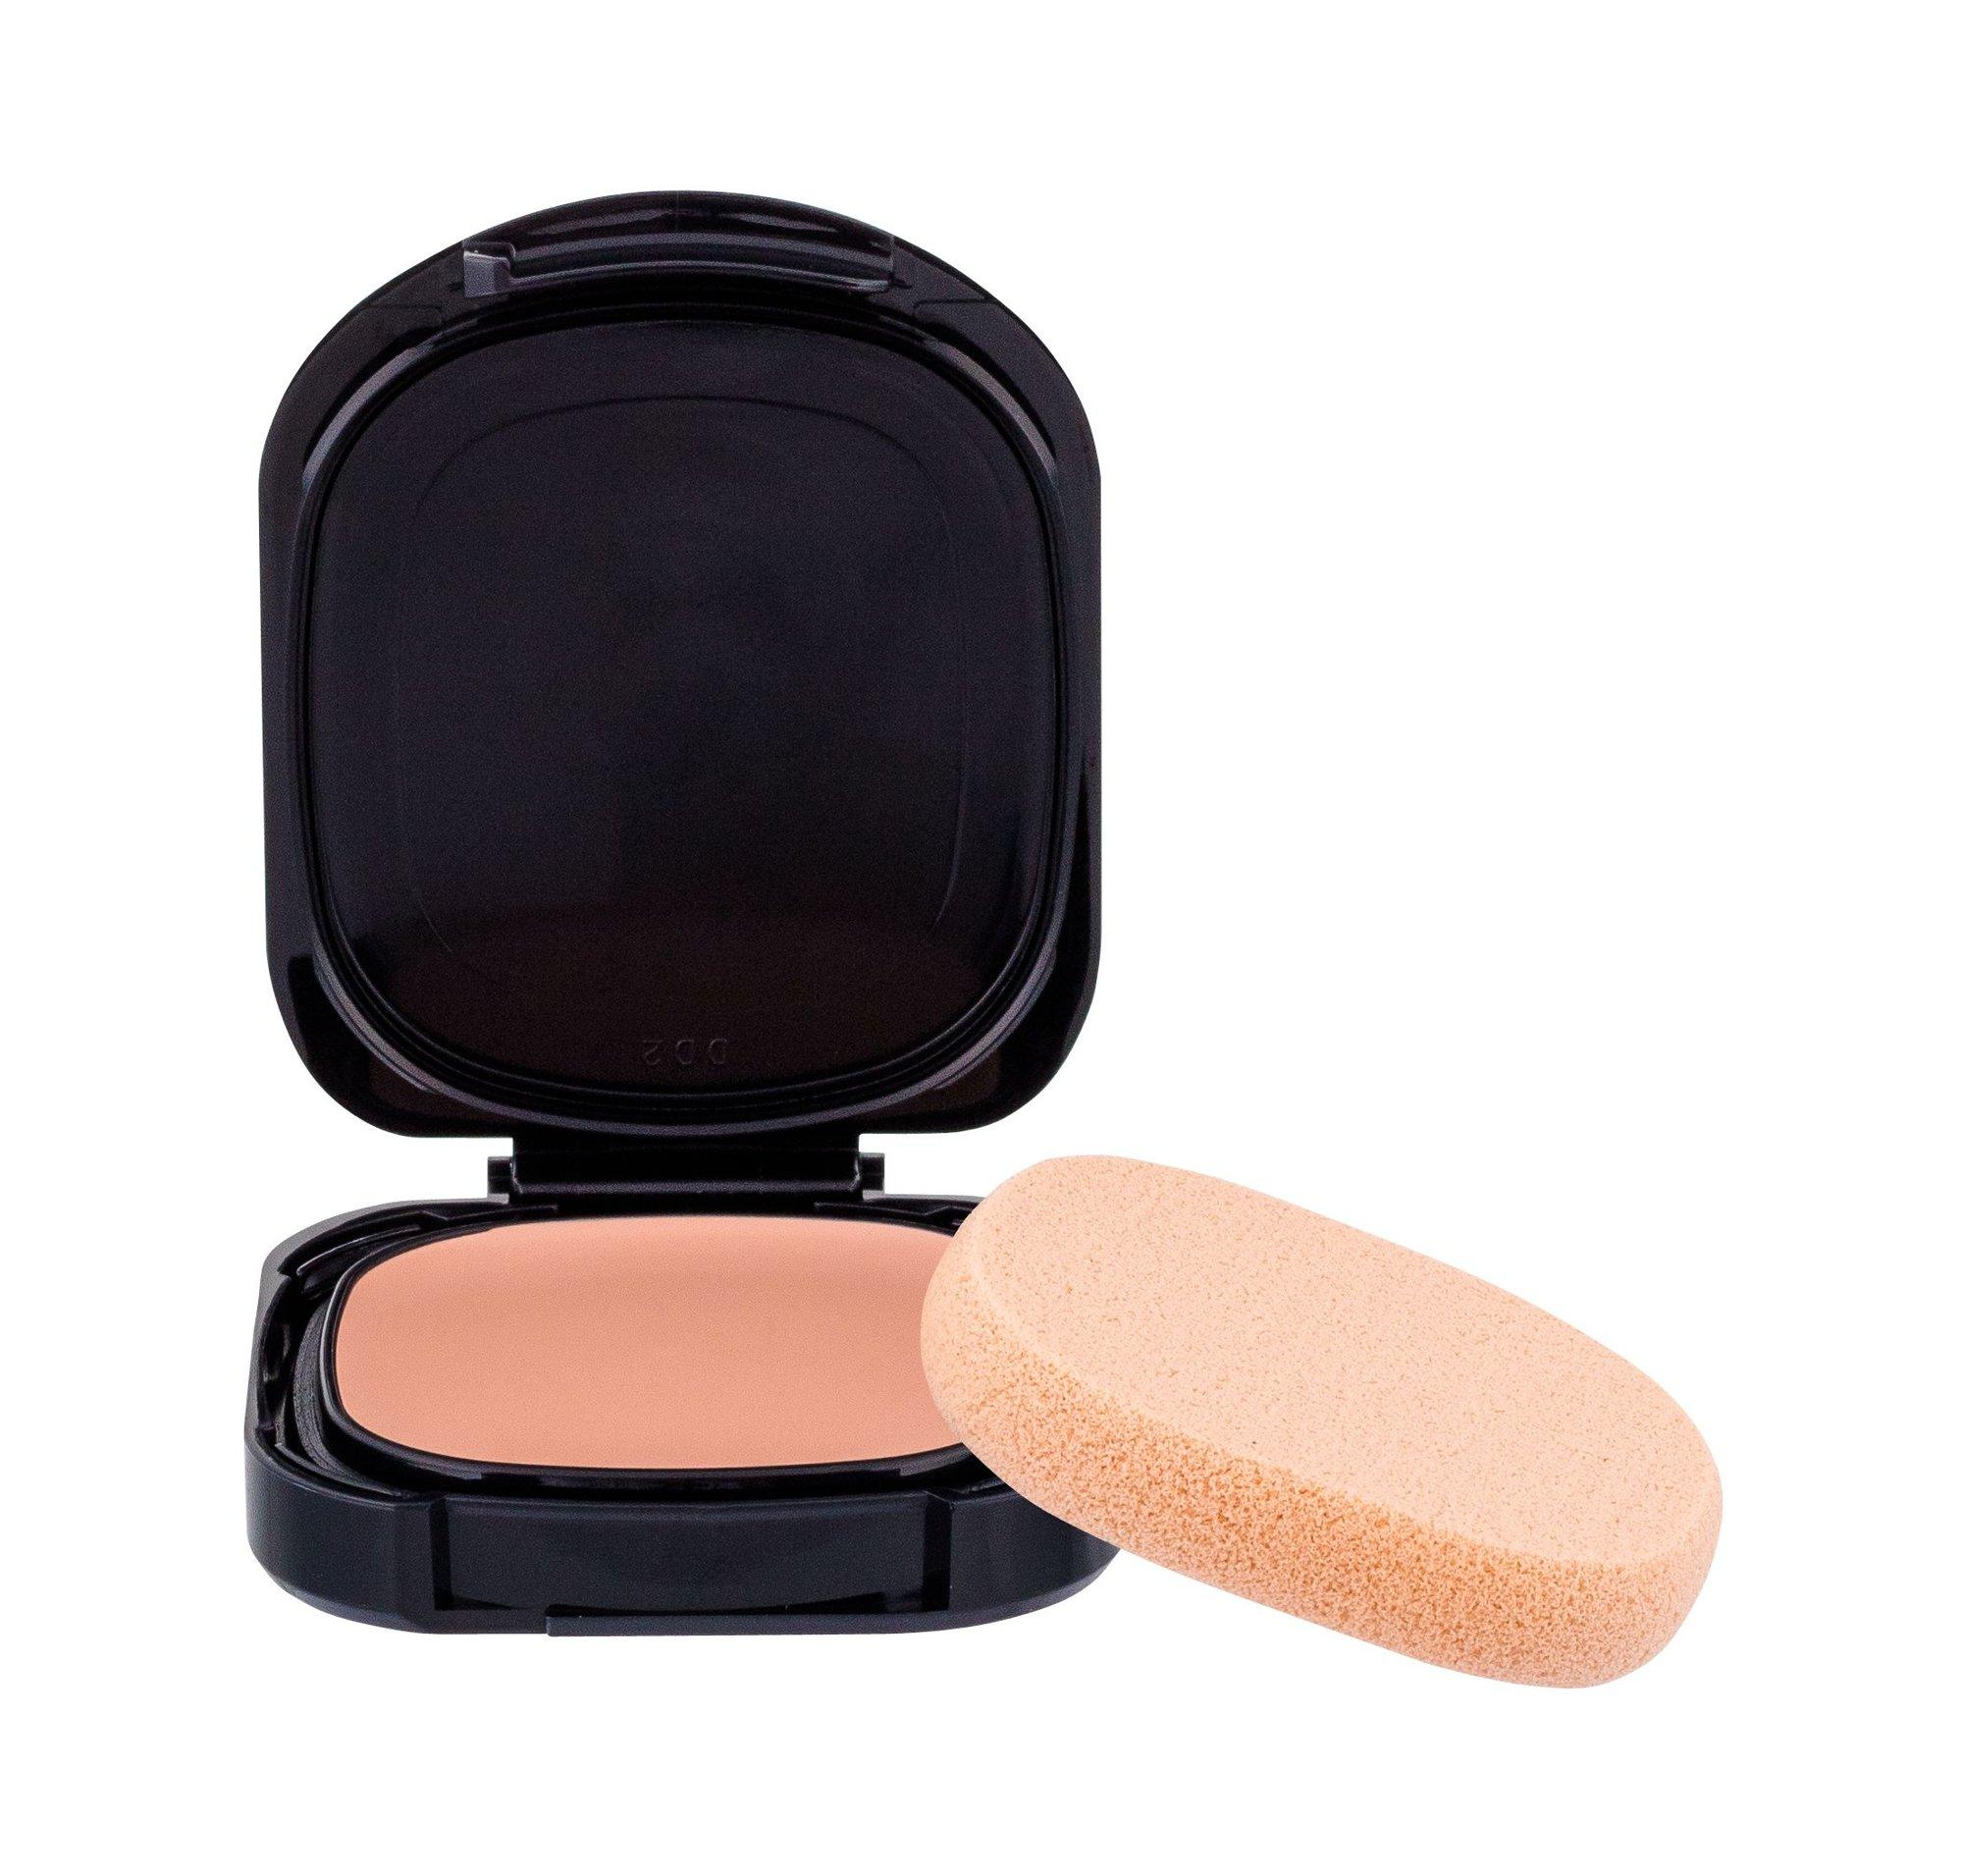 Shiseido Advanced Hydro-Liquid Makeup 12ml B40 Natural Fair Beige